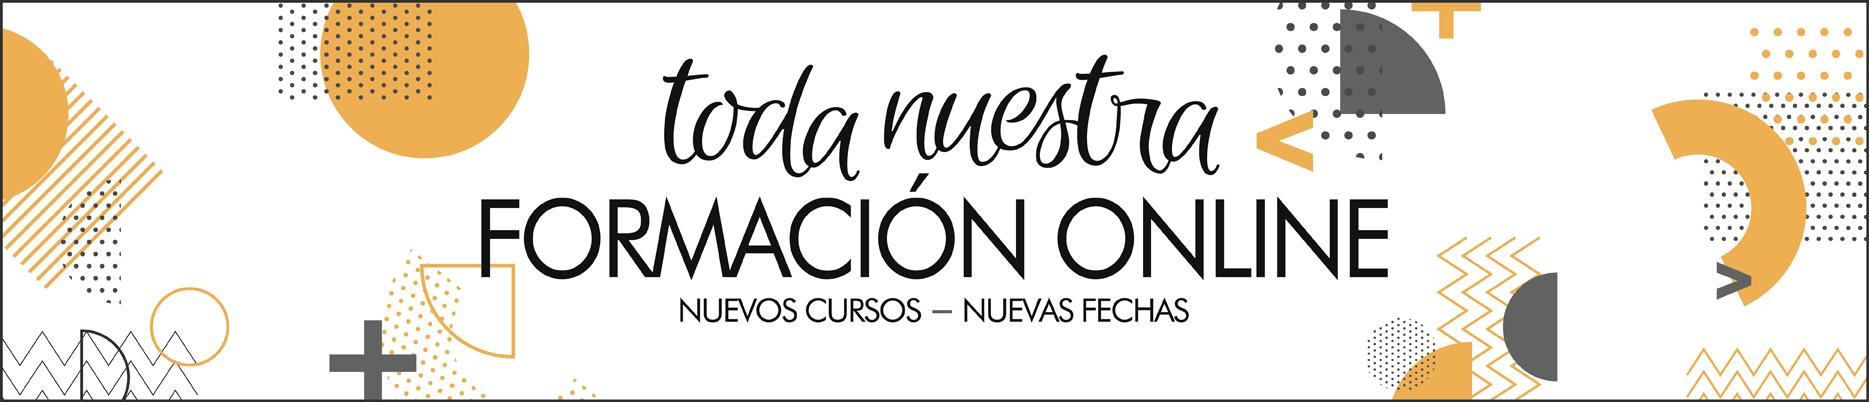 Formación on-line exclusiva de icreatia.es